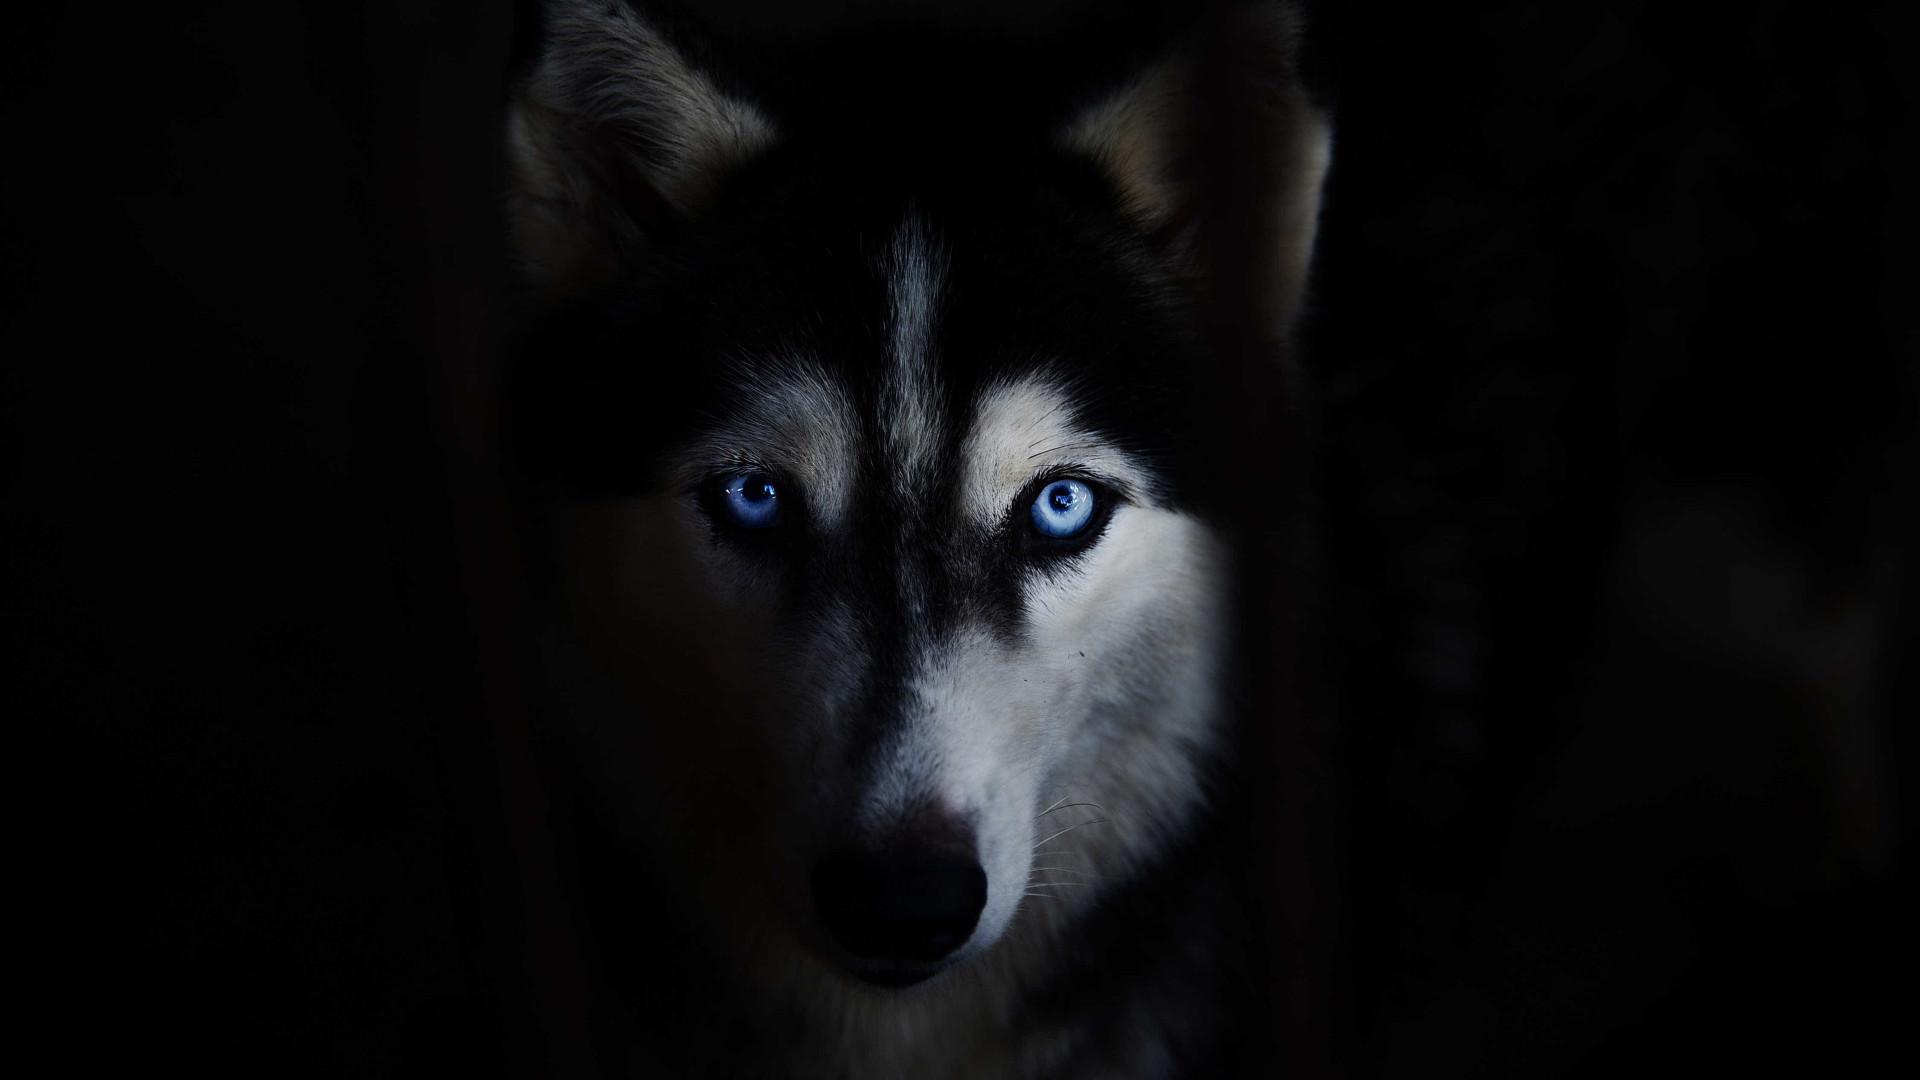 Número de huskies abandonados aumenta. A culpa é de 'A Guerra dos Tronos'